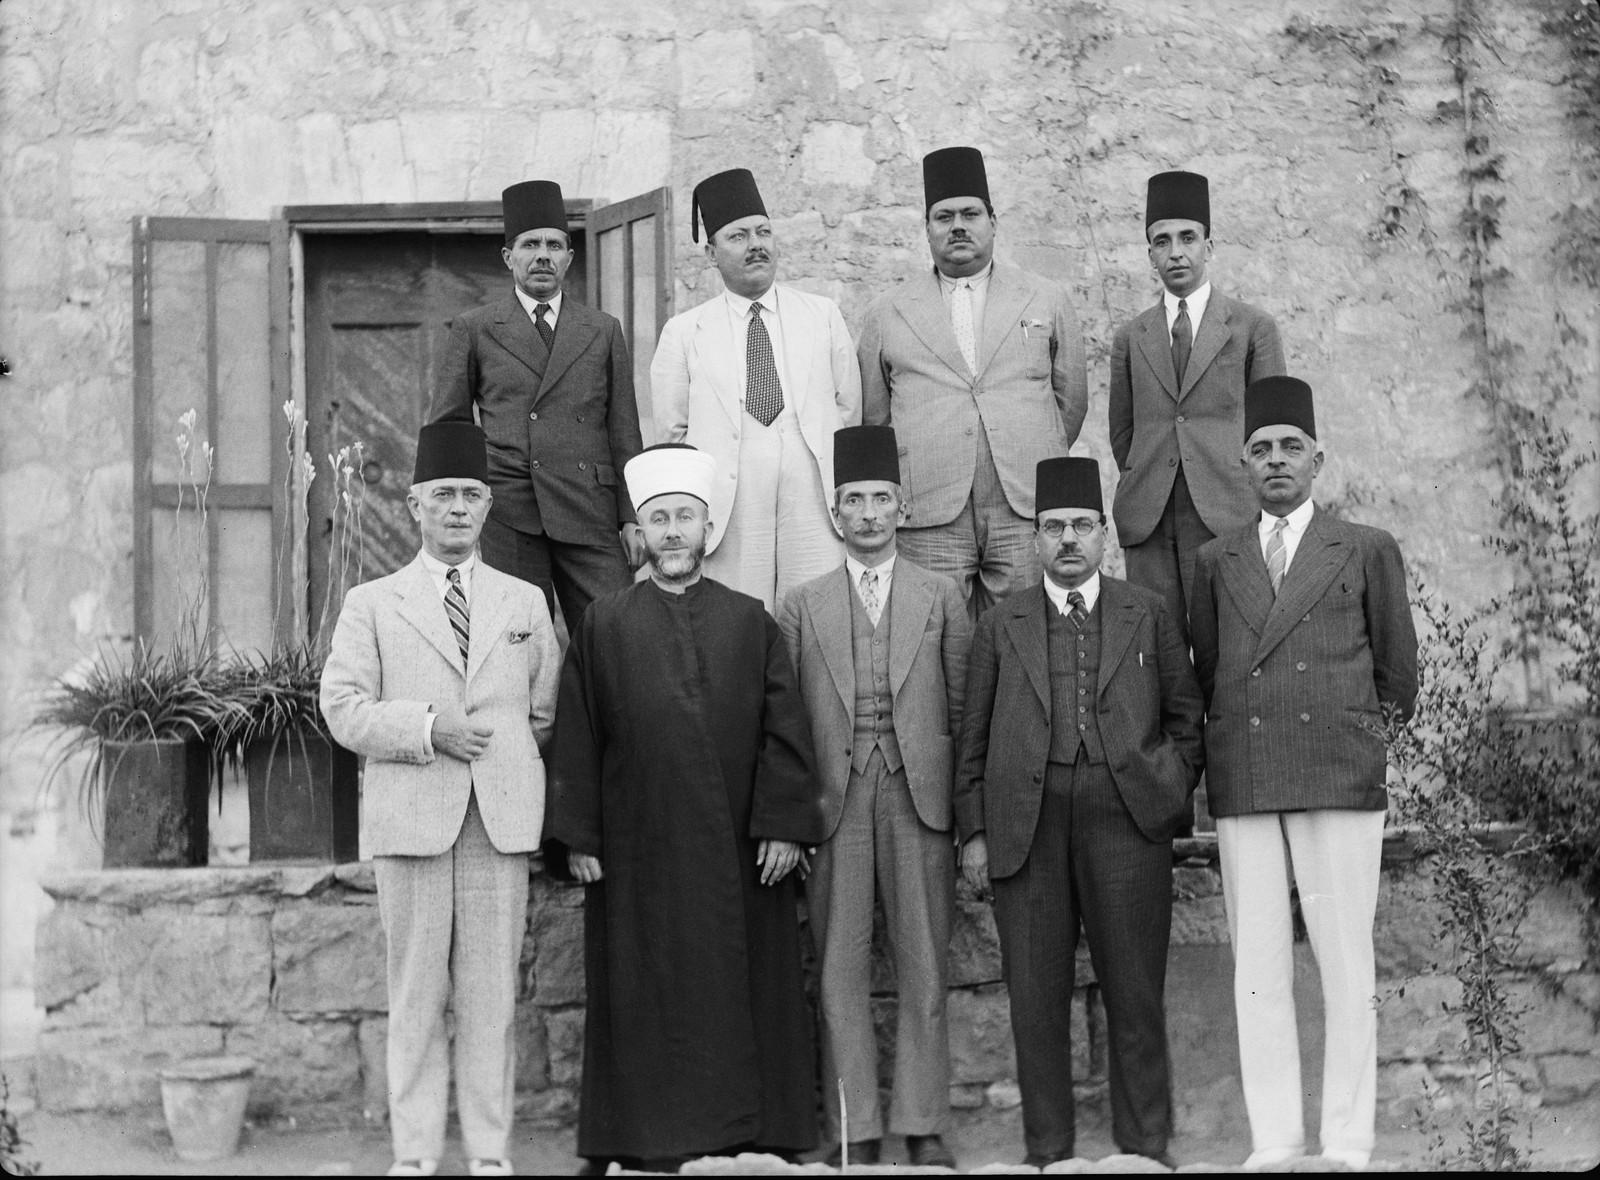 Члены Арабского высшего комитета. Первый ряд слева направо: Рагхеб Бей Нашишиби, председатель Партии обороны Хадж Амин эфф. Эль-Хуссейни, Великий муфтий и президент Комитета, Ахмед Хилми-паша, генеральный директор Иерусалимского арабского банка, Абдул Лат